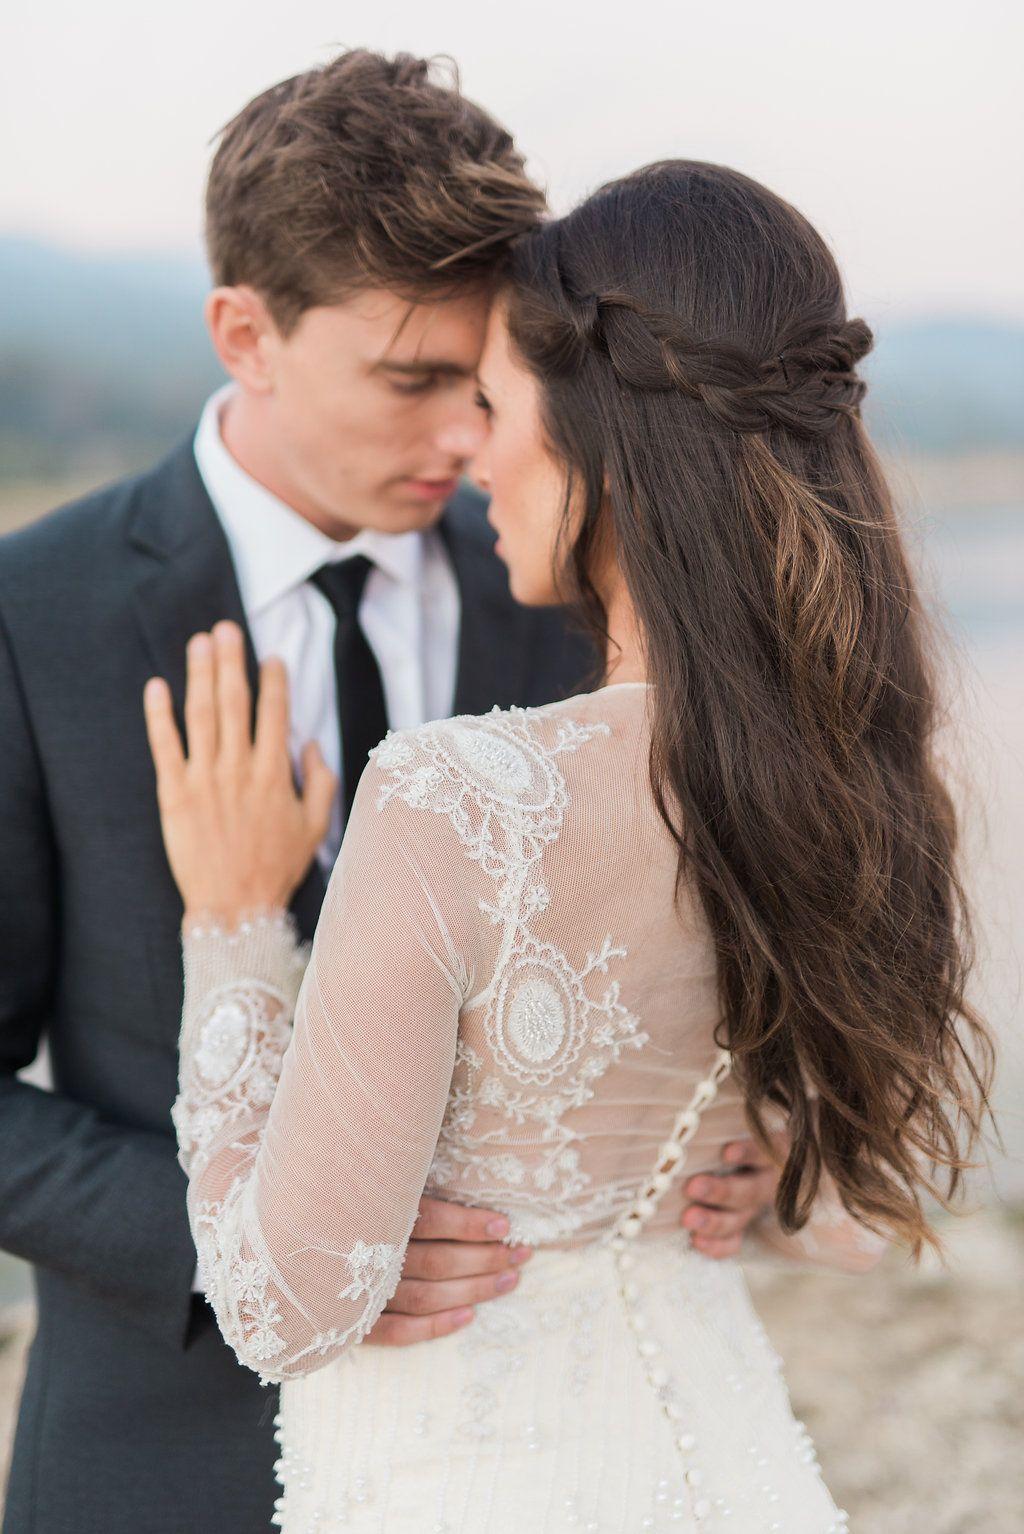 Jinza bridal beautiful lace illusionembroidery top wedding dress